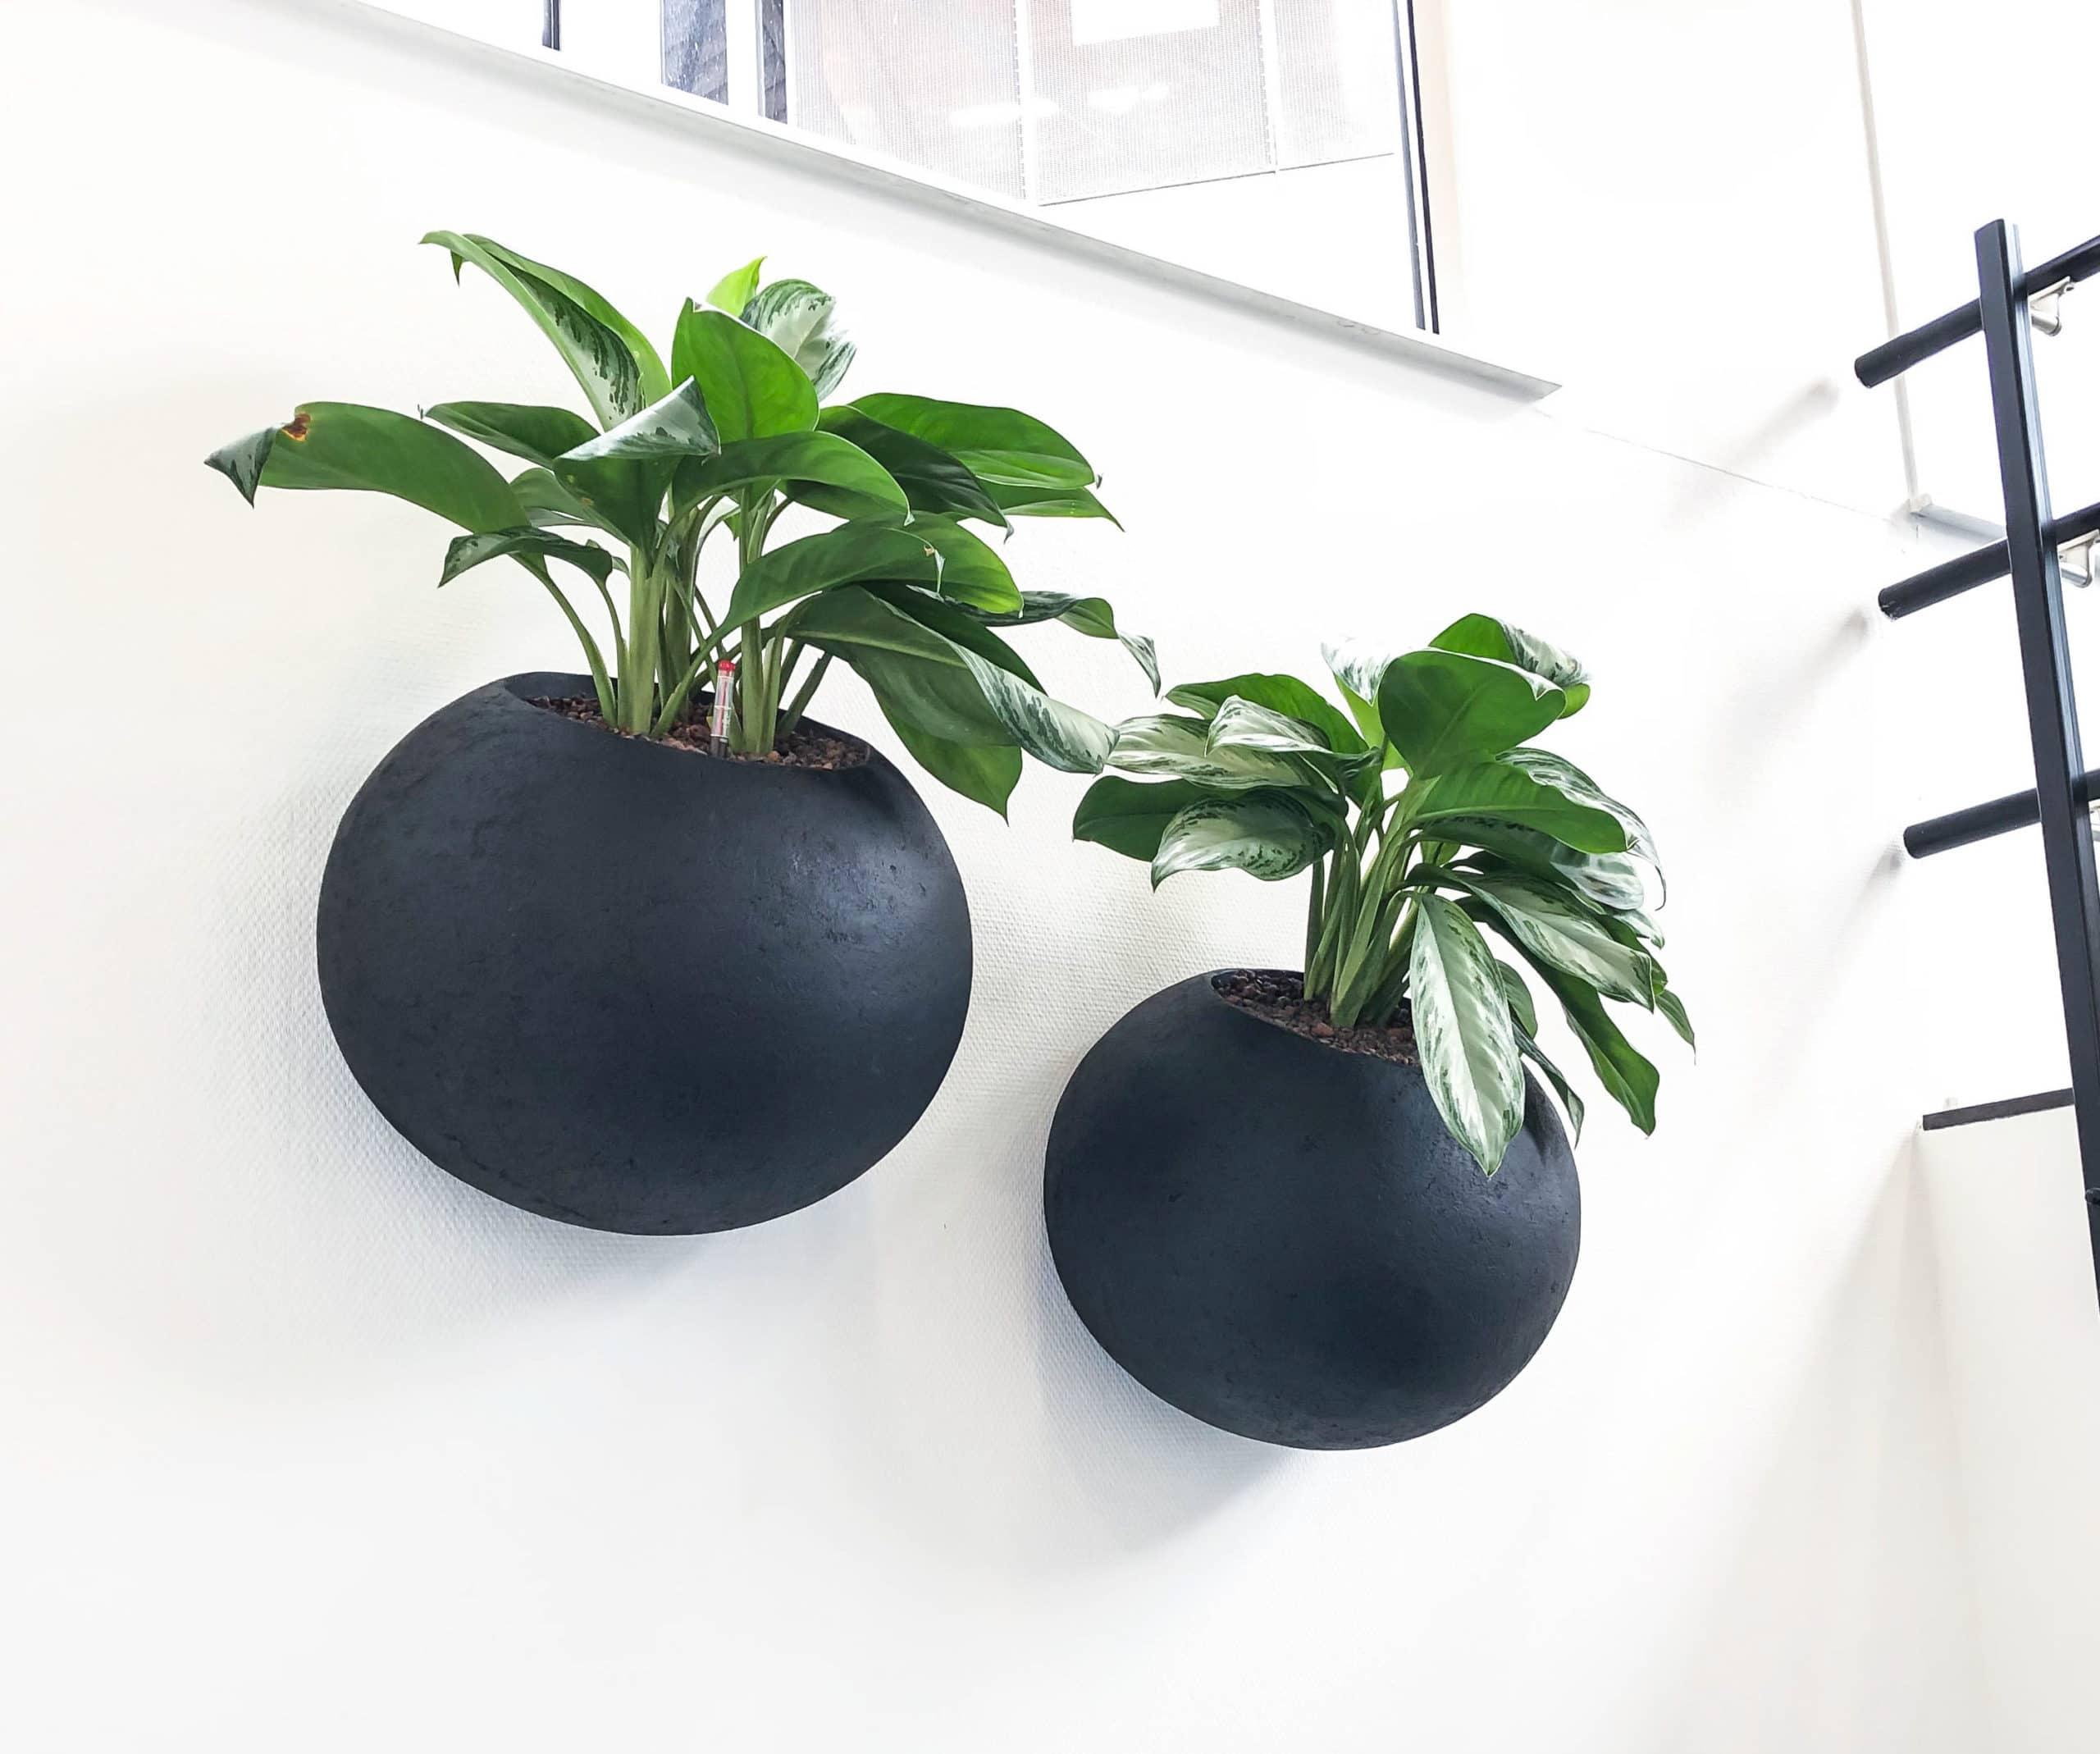 ronde zwarte wall planter groene muur green wall bij Golden Agri